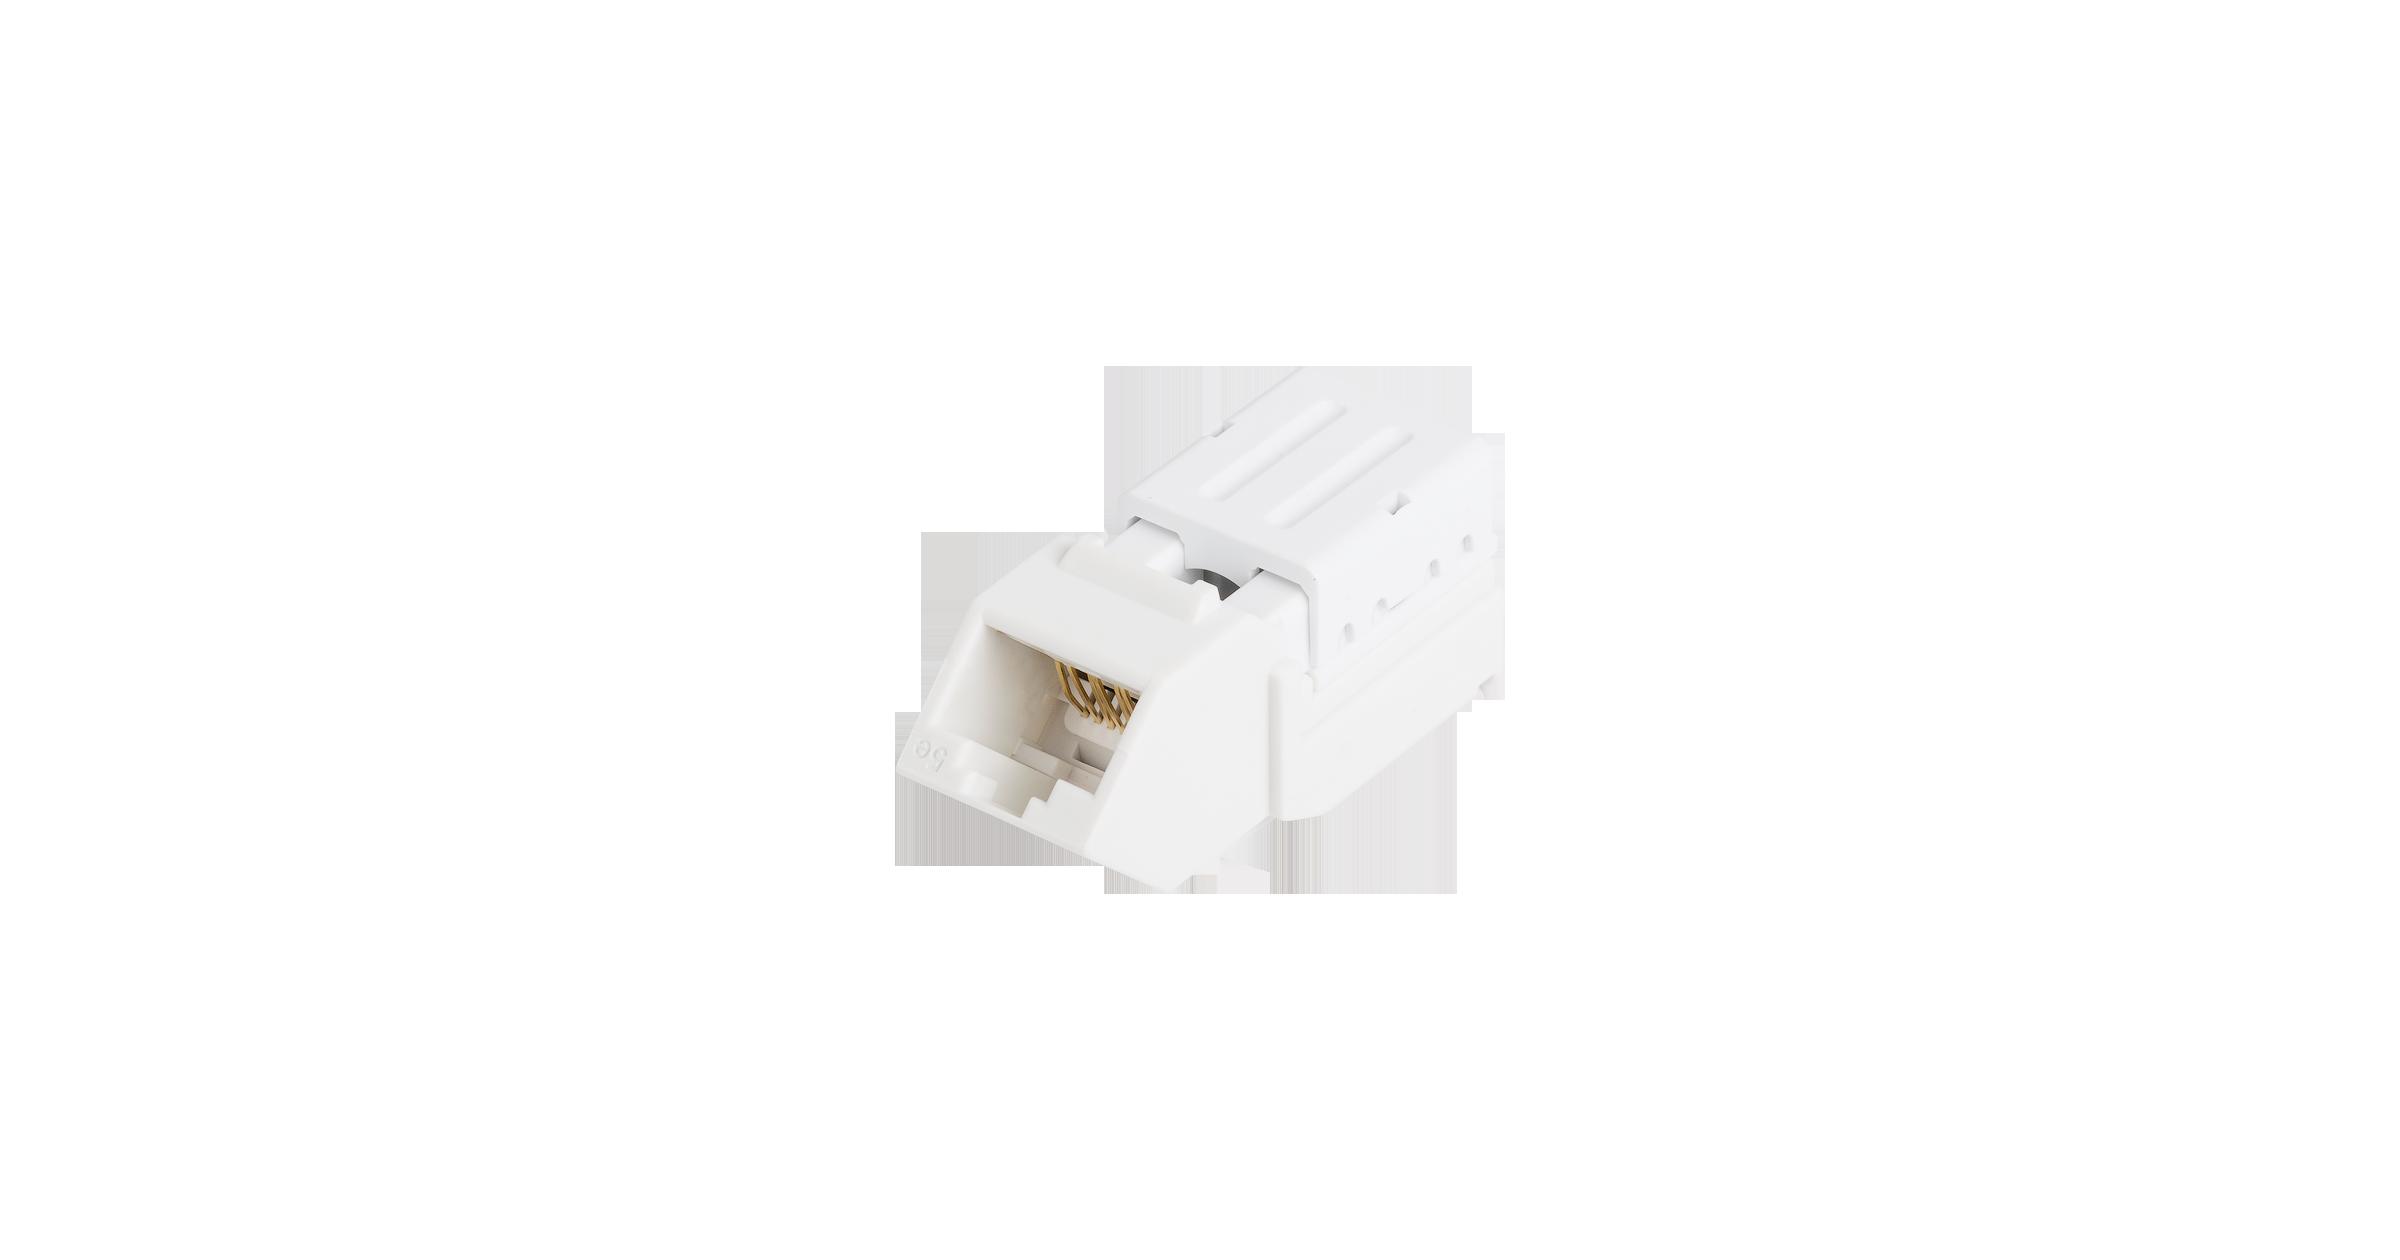 Модуль-вставка NIKOMAX типа Keystone, угловой, для панели серии AN, Кат.5е (Класс D), 100МГц, RJ45/8P8C, FT-TOOL/110/KRONE, T568A/B, неэкранированный, белый - гарантия: 5 лет расширенная / 25 лет системная